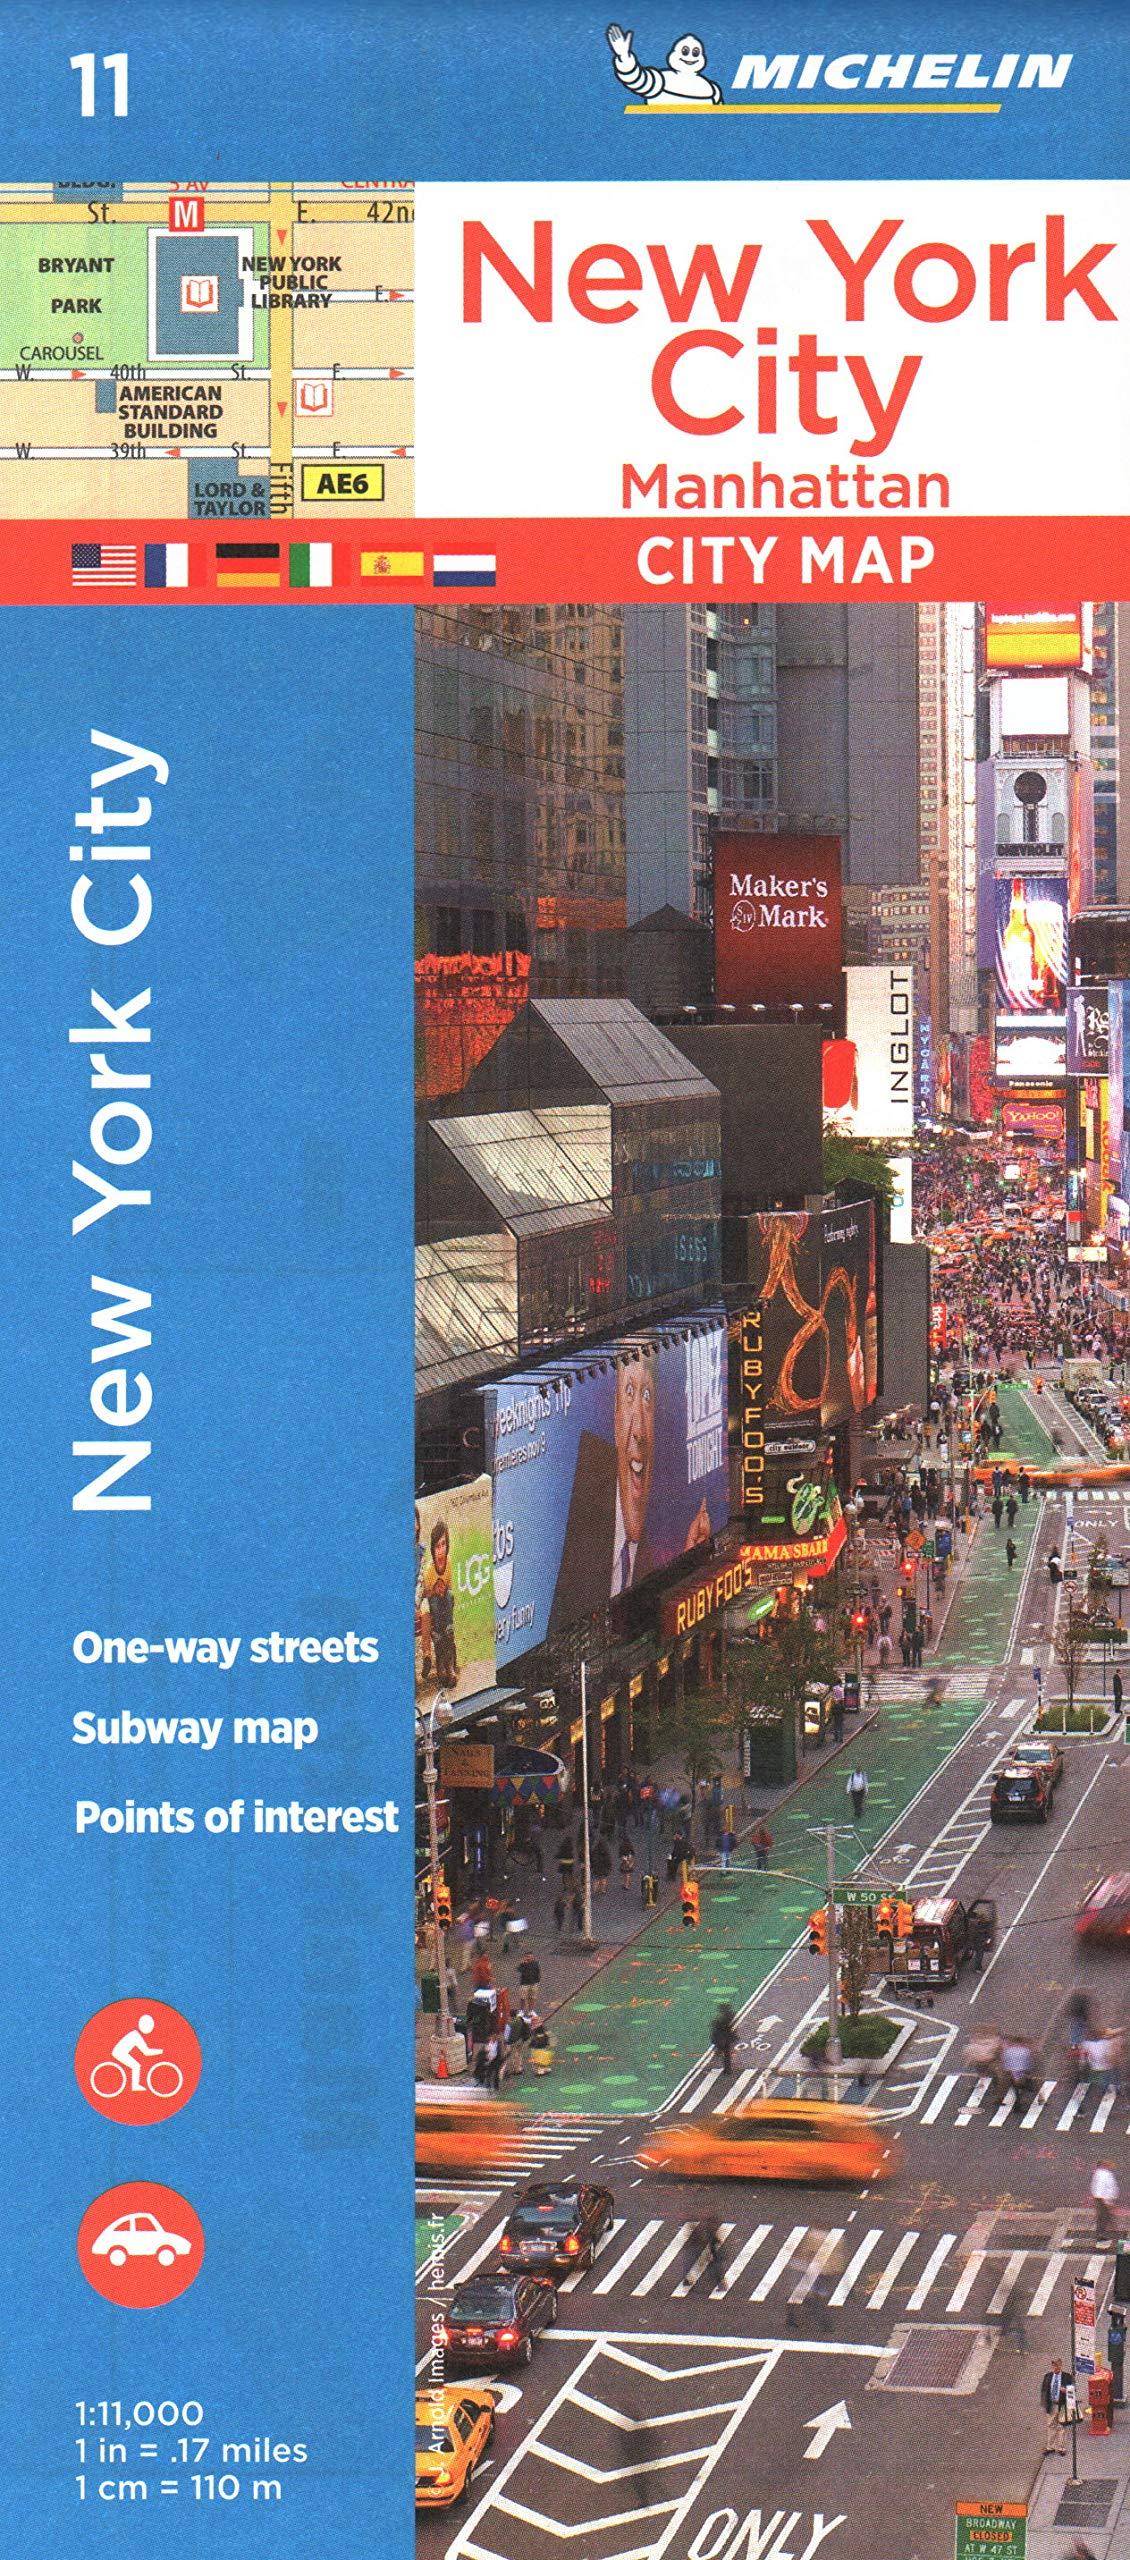 Plano New York City, Manhattan (Planos Michelin) (Inglés) Mapa – Mapa doblado, 1 ene 2018 2067228870 Maps & Road Atlases Ny Pa)